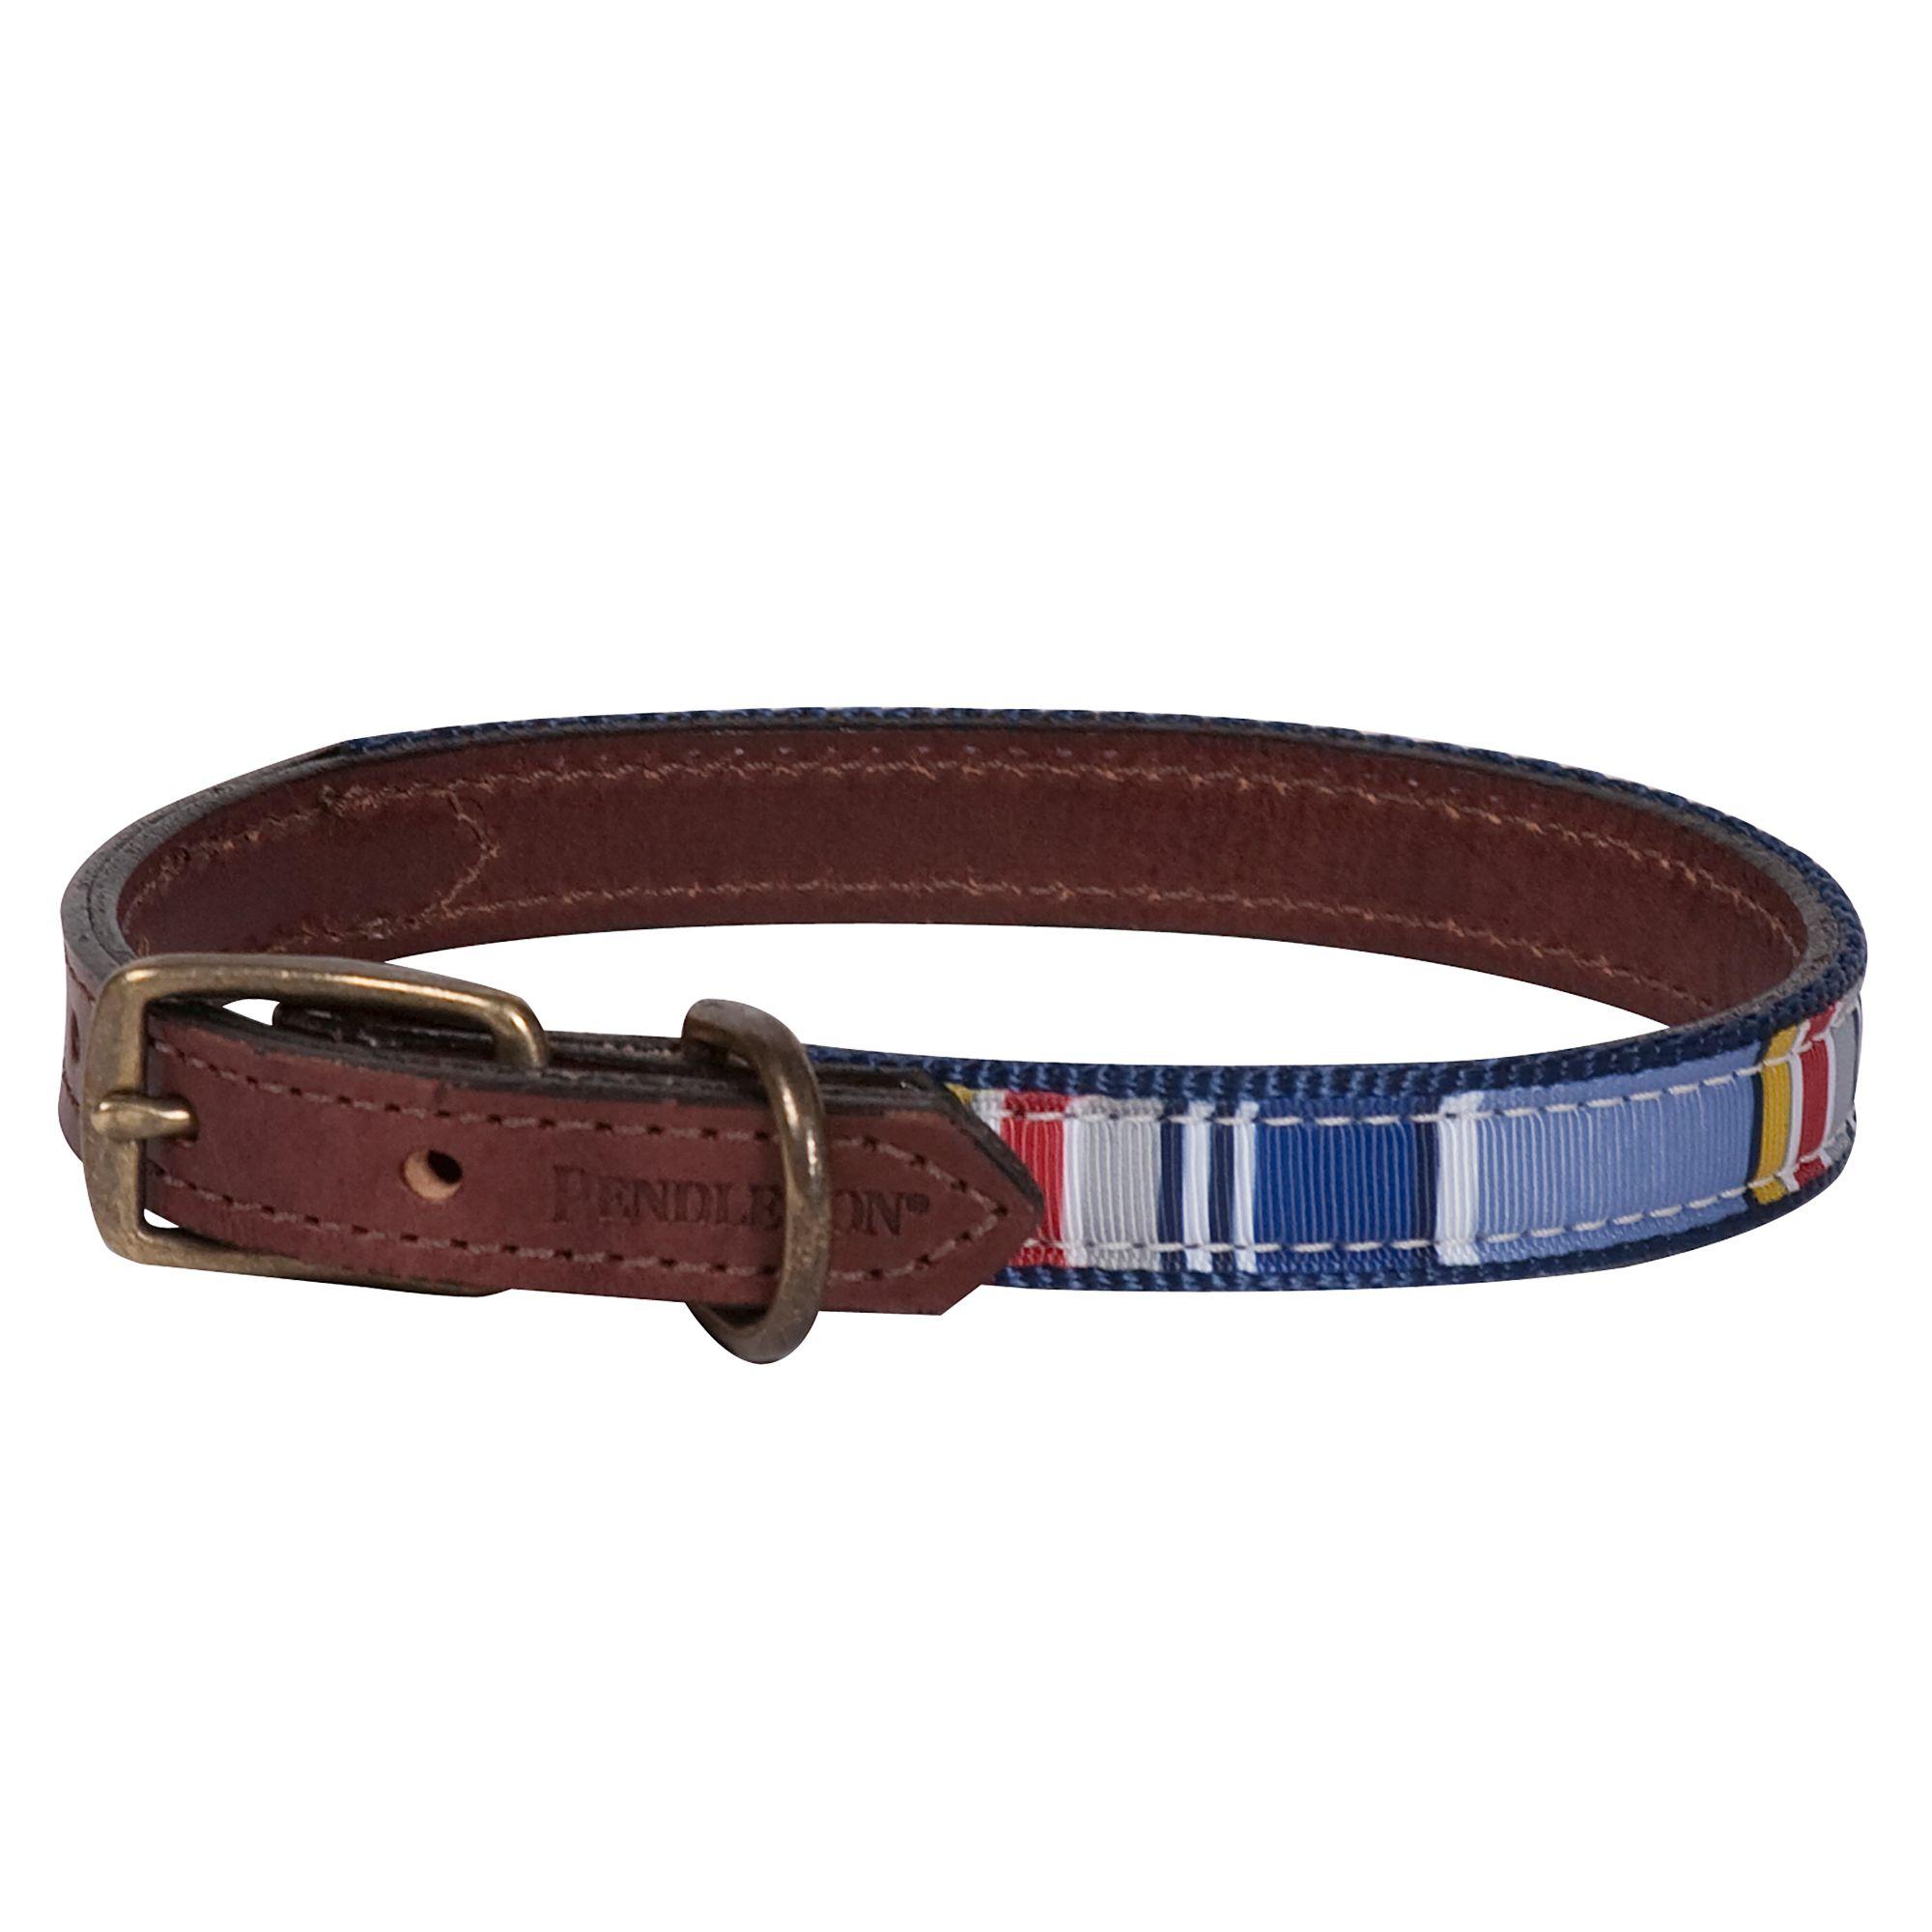 Pendleton National Park Yosemite Explorer Dog Collar 5263167